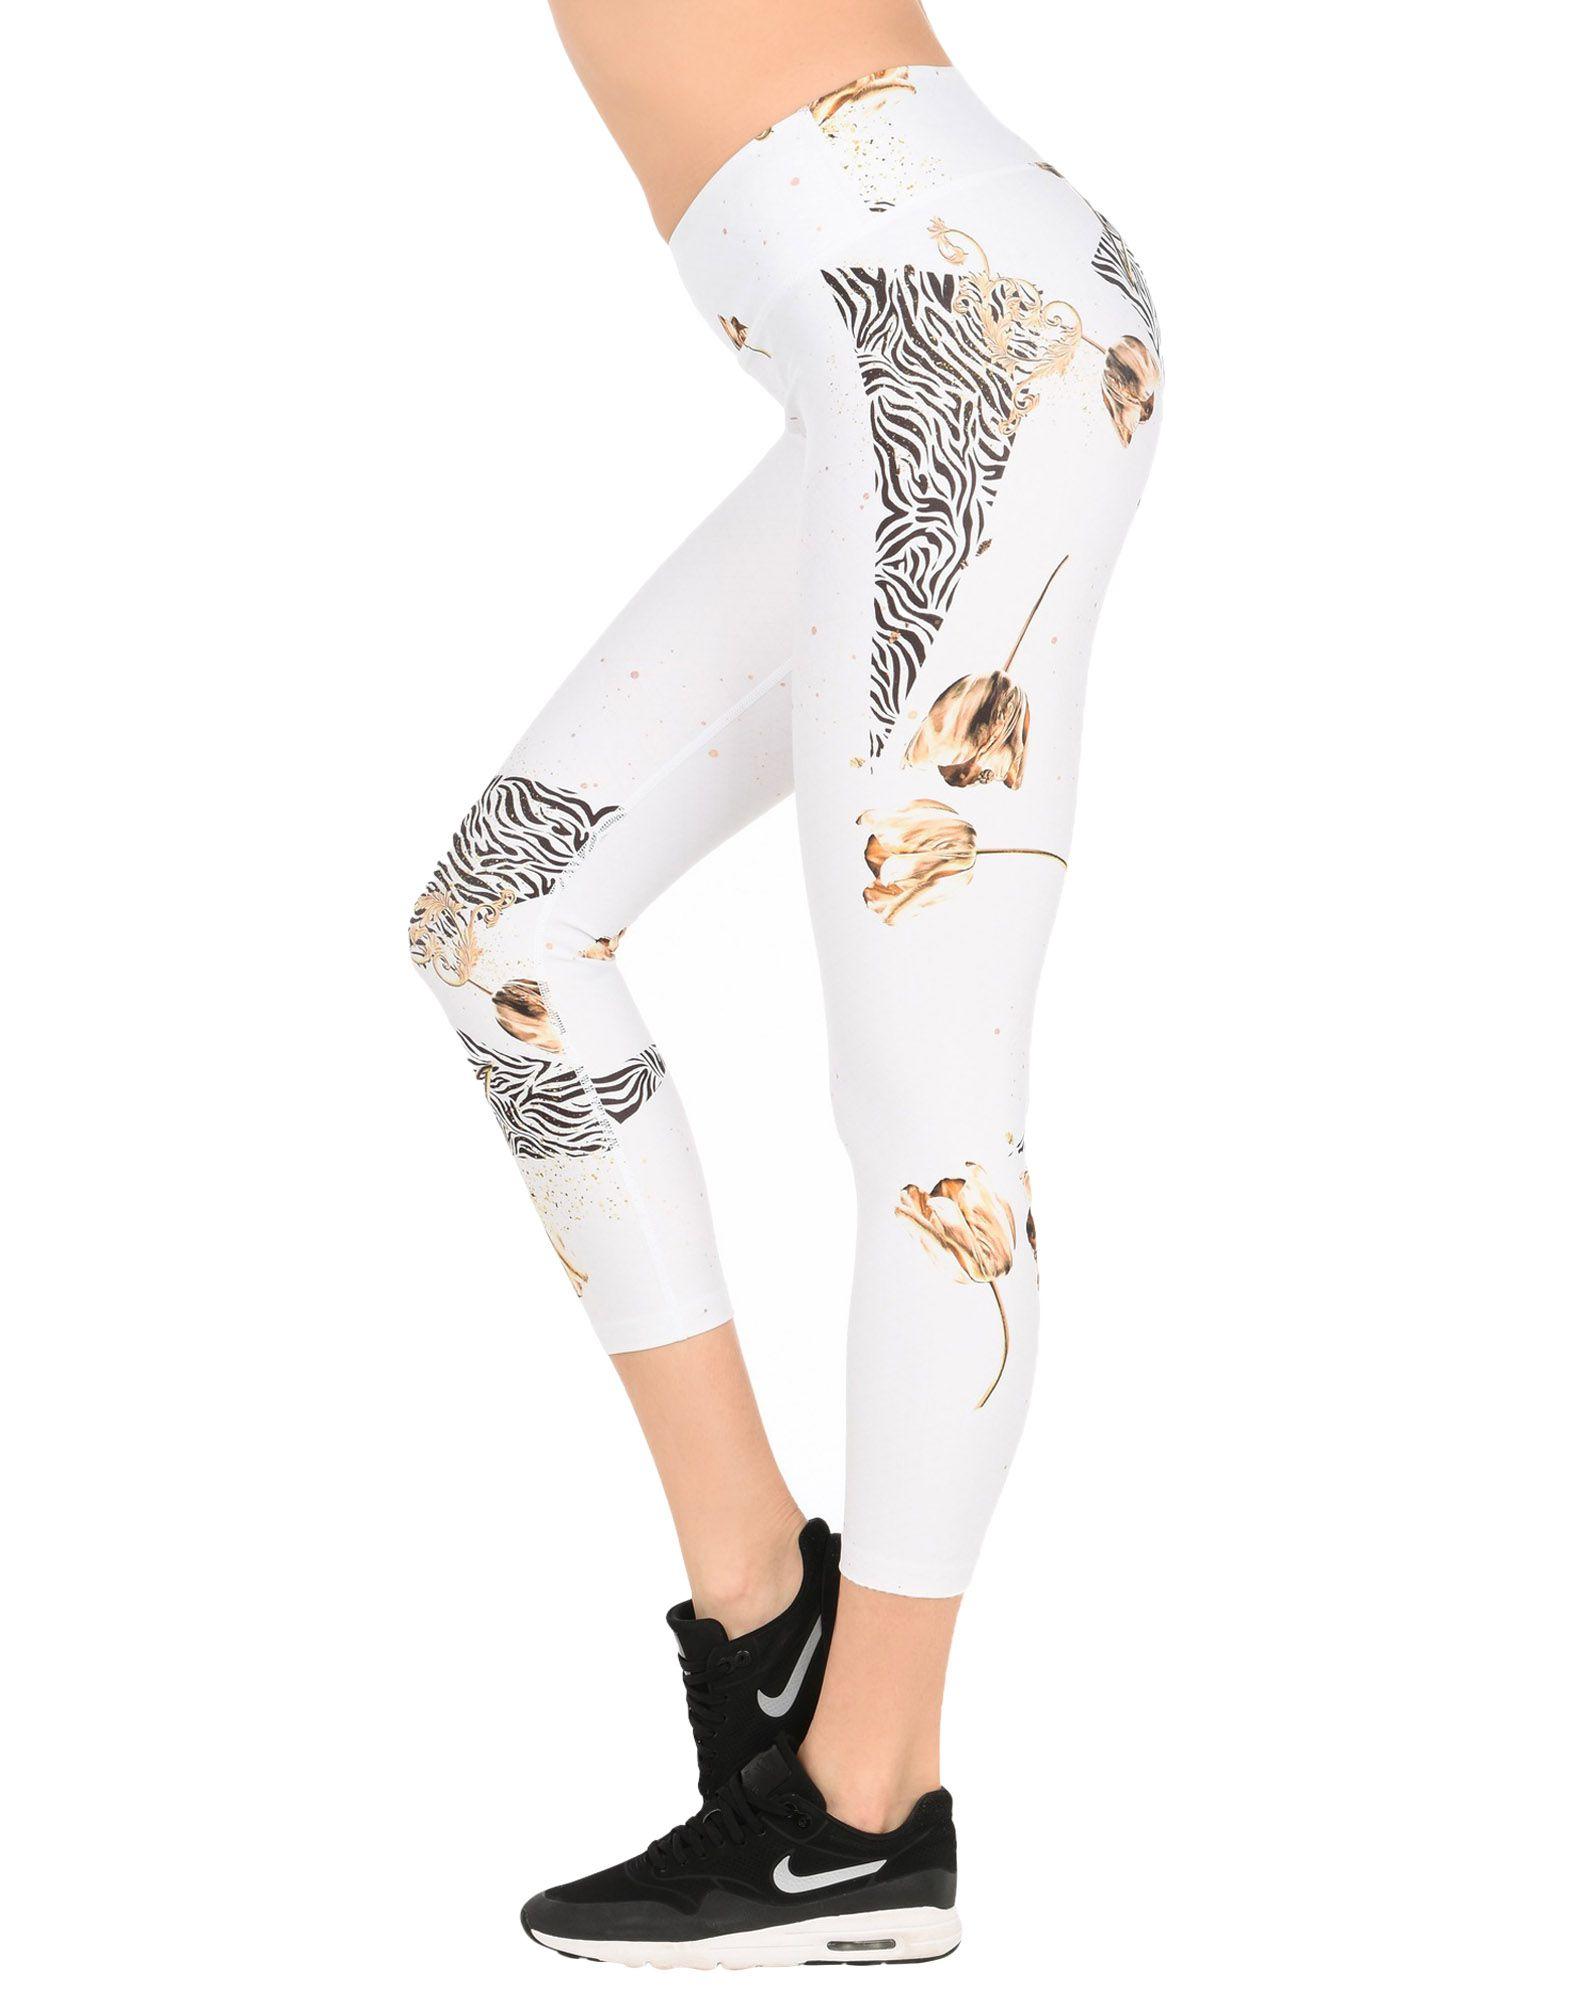 Leggings We Are Handsome Active Capri Leggings - Donna - Acquista online su S4muIO